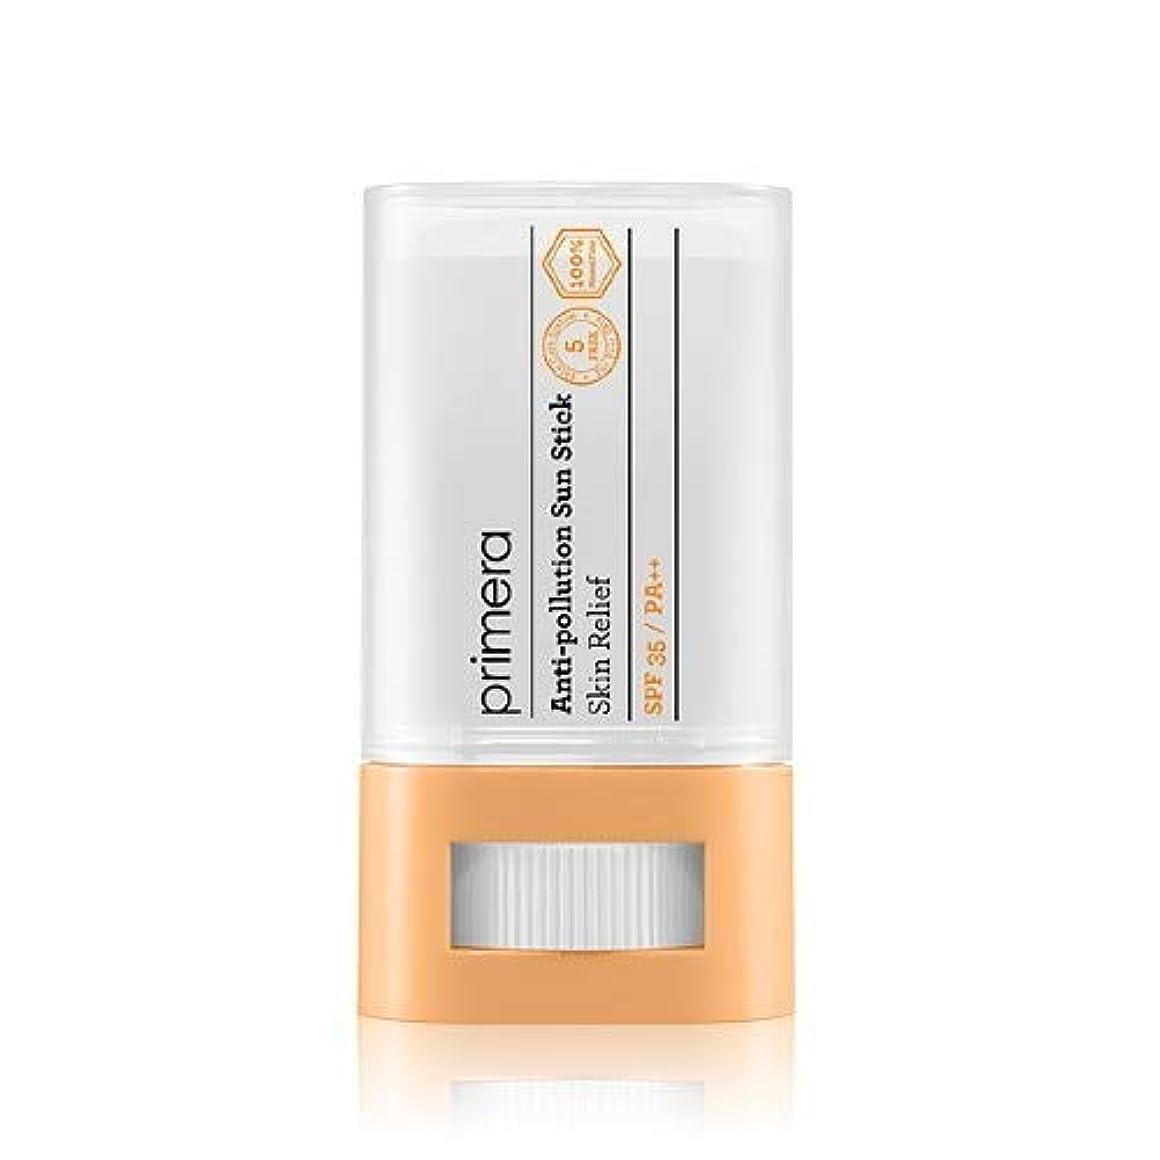 に応じて牛オプションPRIMERA プリメラ Skin Relief Anti-pollution Sun Stick サンスティック 16g, SPF35 PA++ 韓国日焼け止め